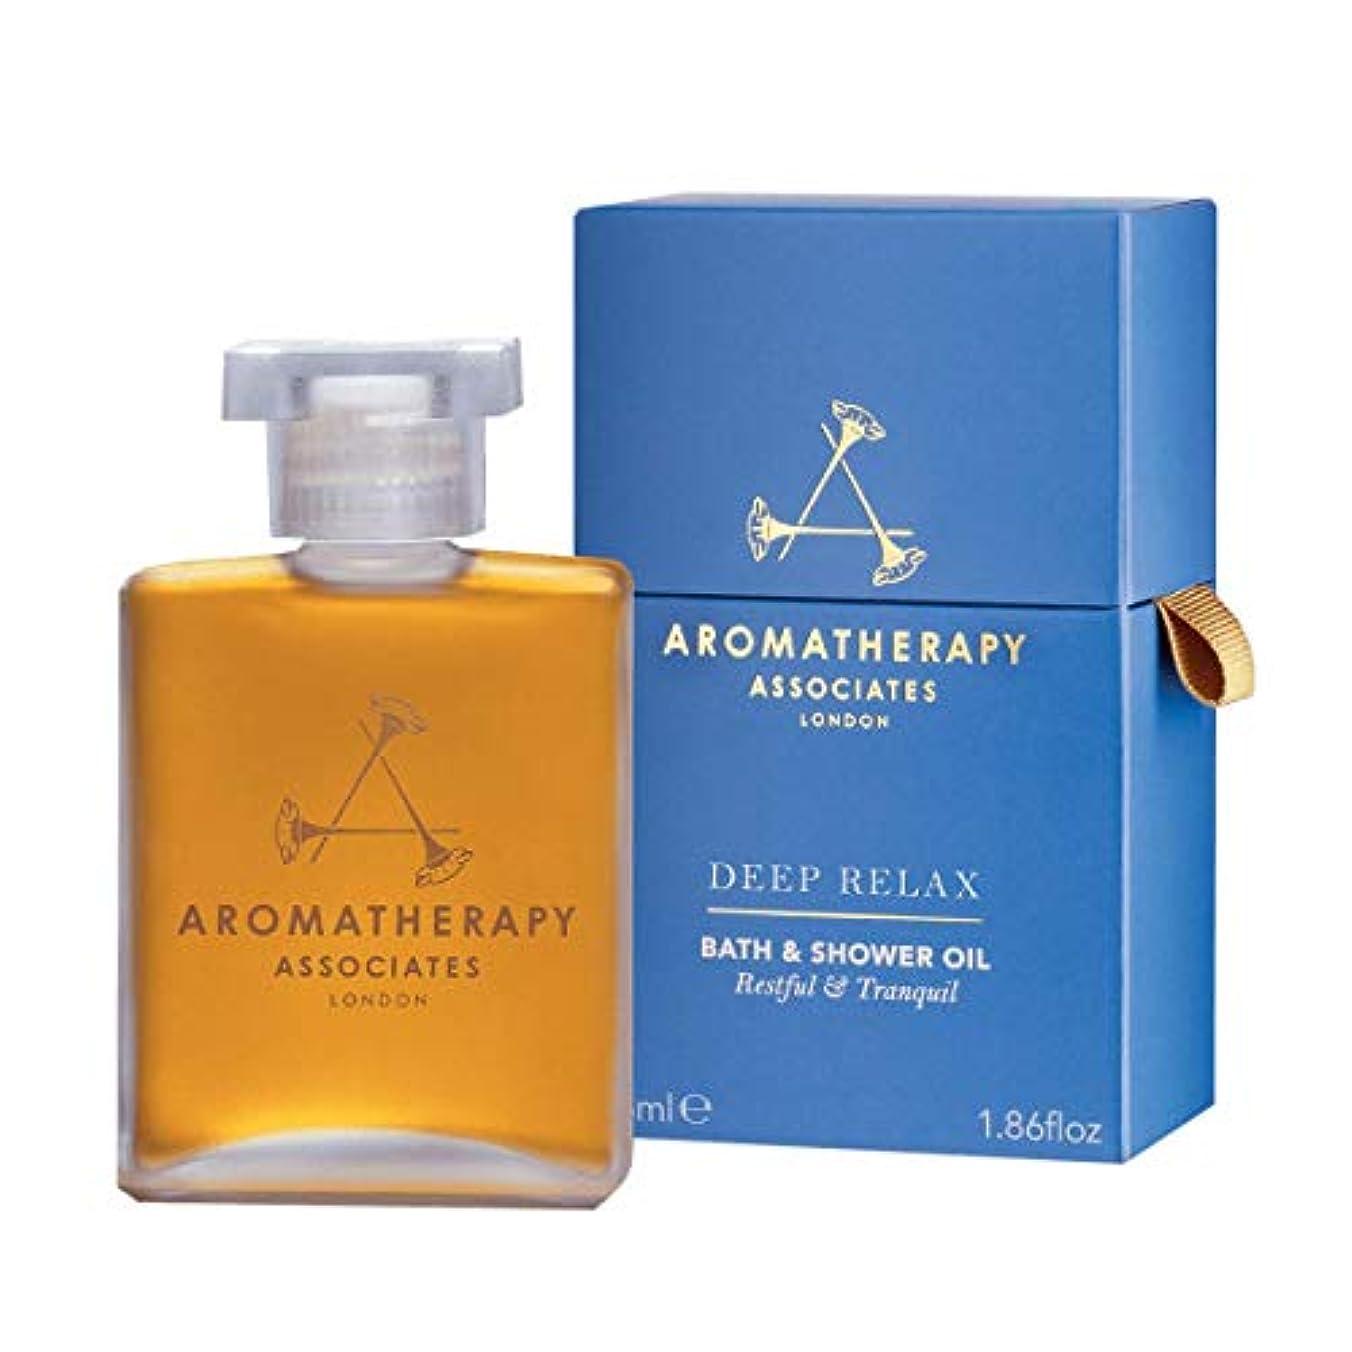 ささいなクローン直立アロマセラピー アソシエイツ(Aromatherapy Associates) ディープリラックス バスアンドシャワーオイル 55ml [海外直送品] [並行輸入品]